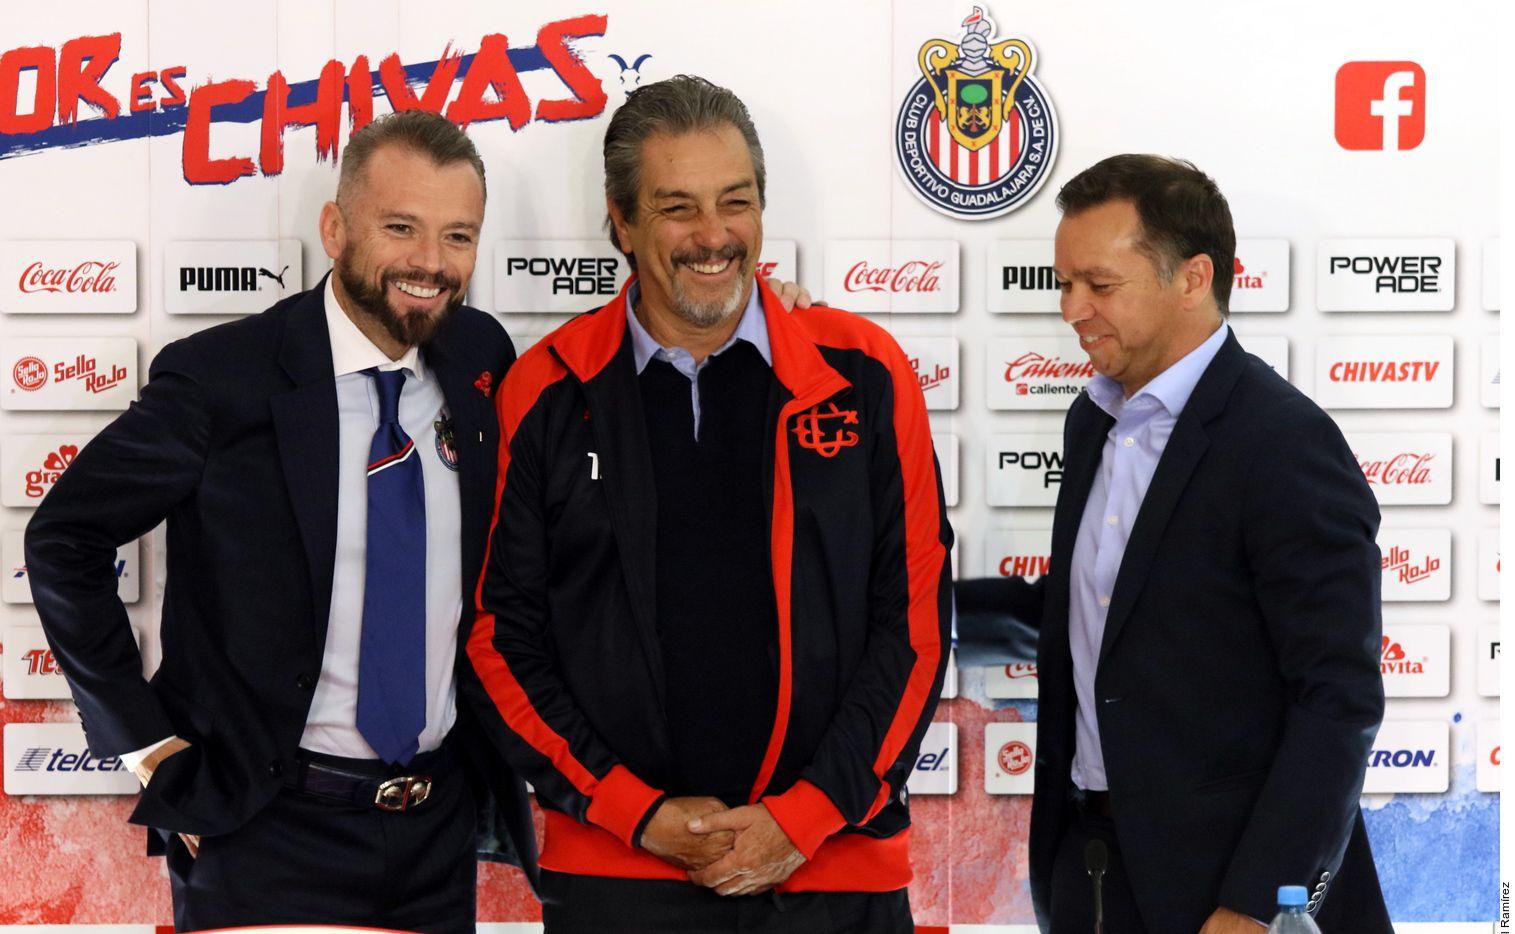 José Luis Higuera y Mariano Varela fueron los anfitriones de Tomás Boy en su presentación en el Estadio Akron./ AGENCIA REFORMA